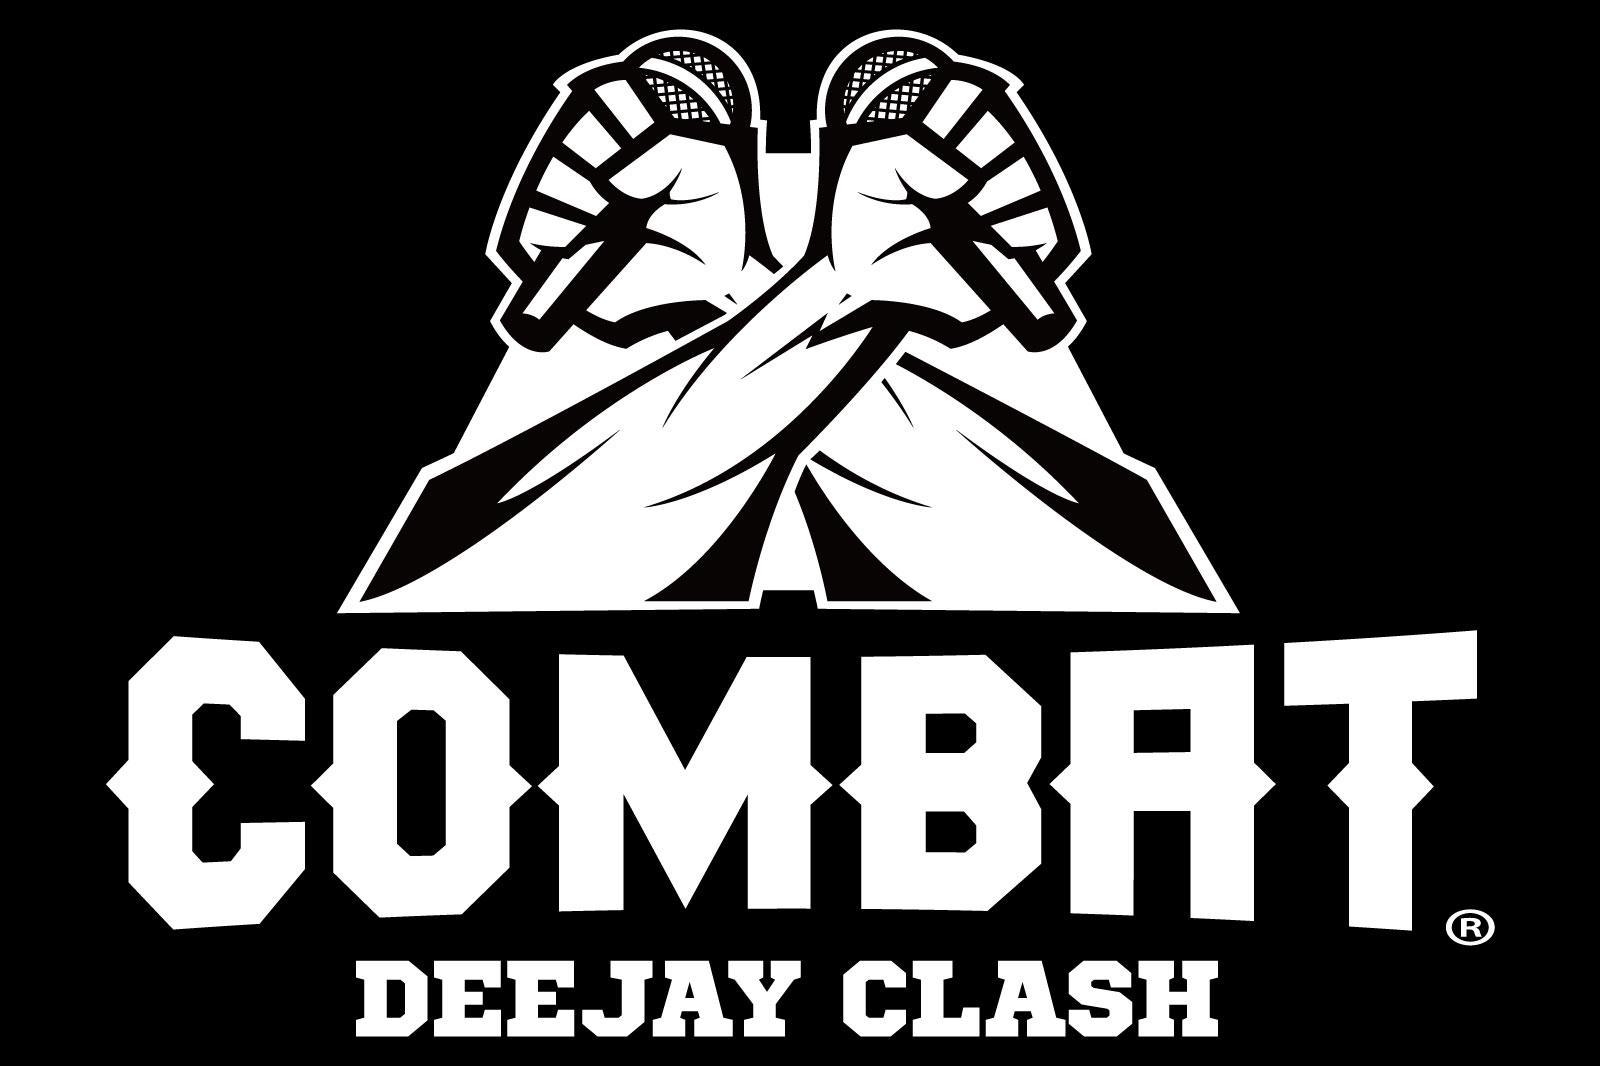 DeeJay クラッシュの基本と楽しみ方